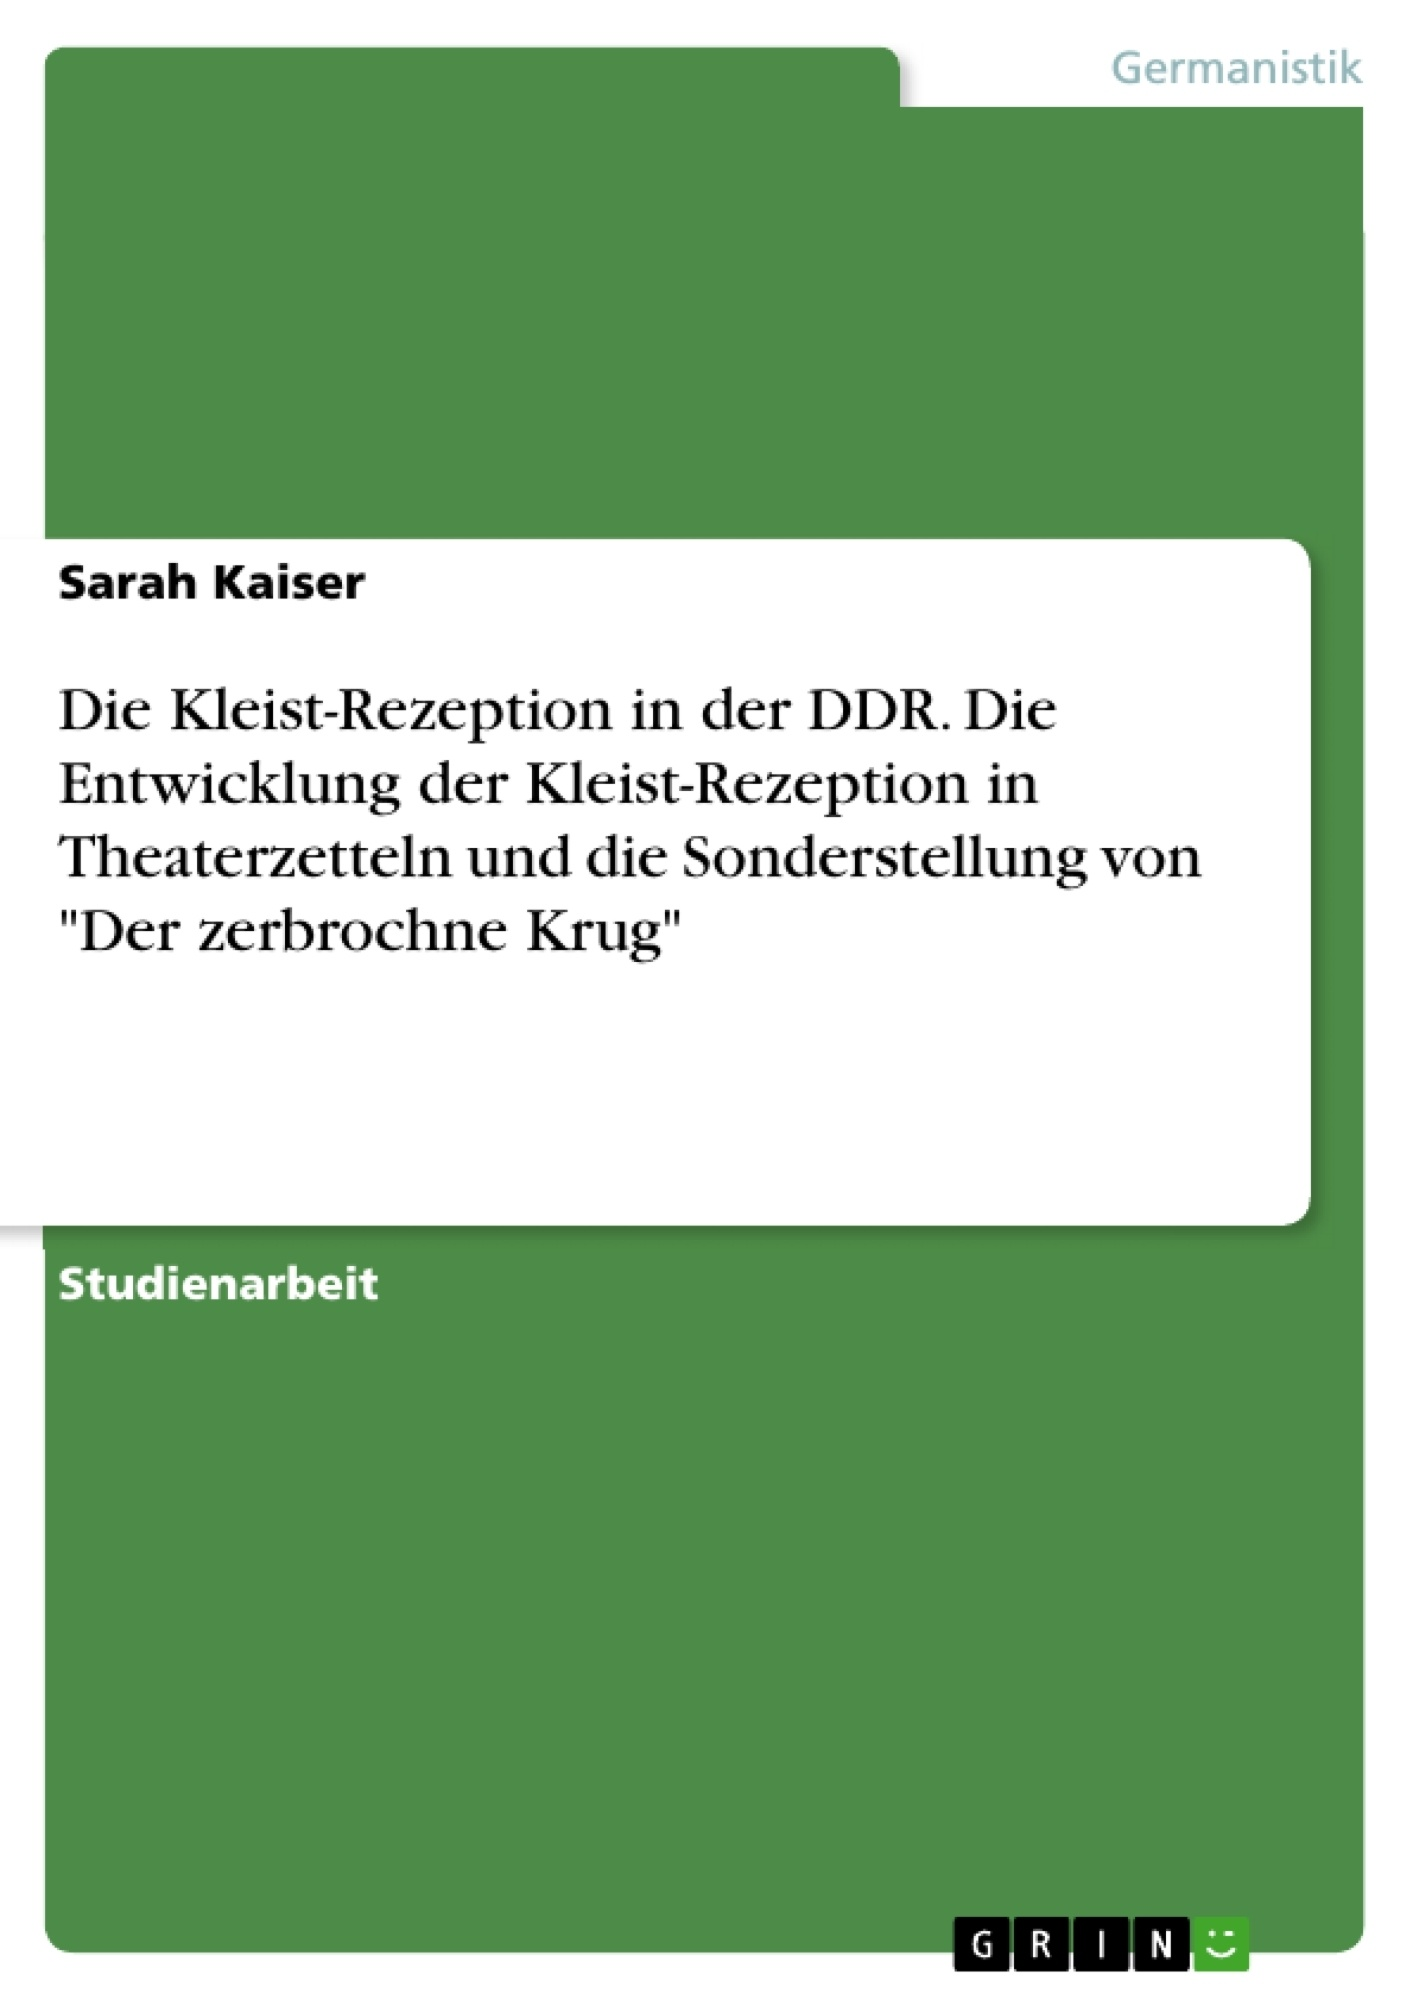 """Titel: Die Kleist-Rezeption in der DDR. Die Entwicklung der Kleist-Rezeption in Theaterzetteln und die Sonderstellung von """"Der zerbrochne Krug"""""""